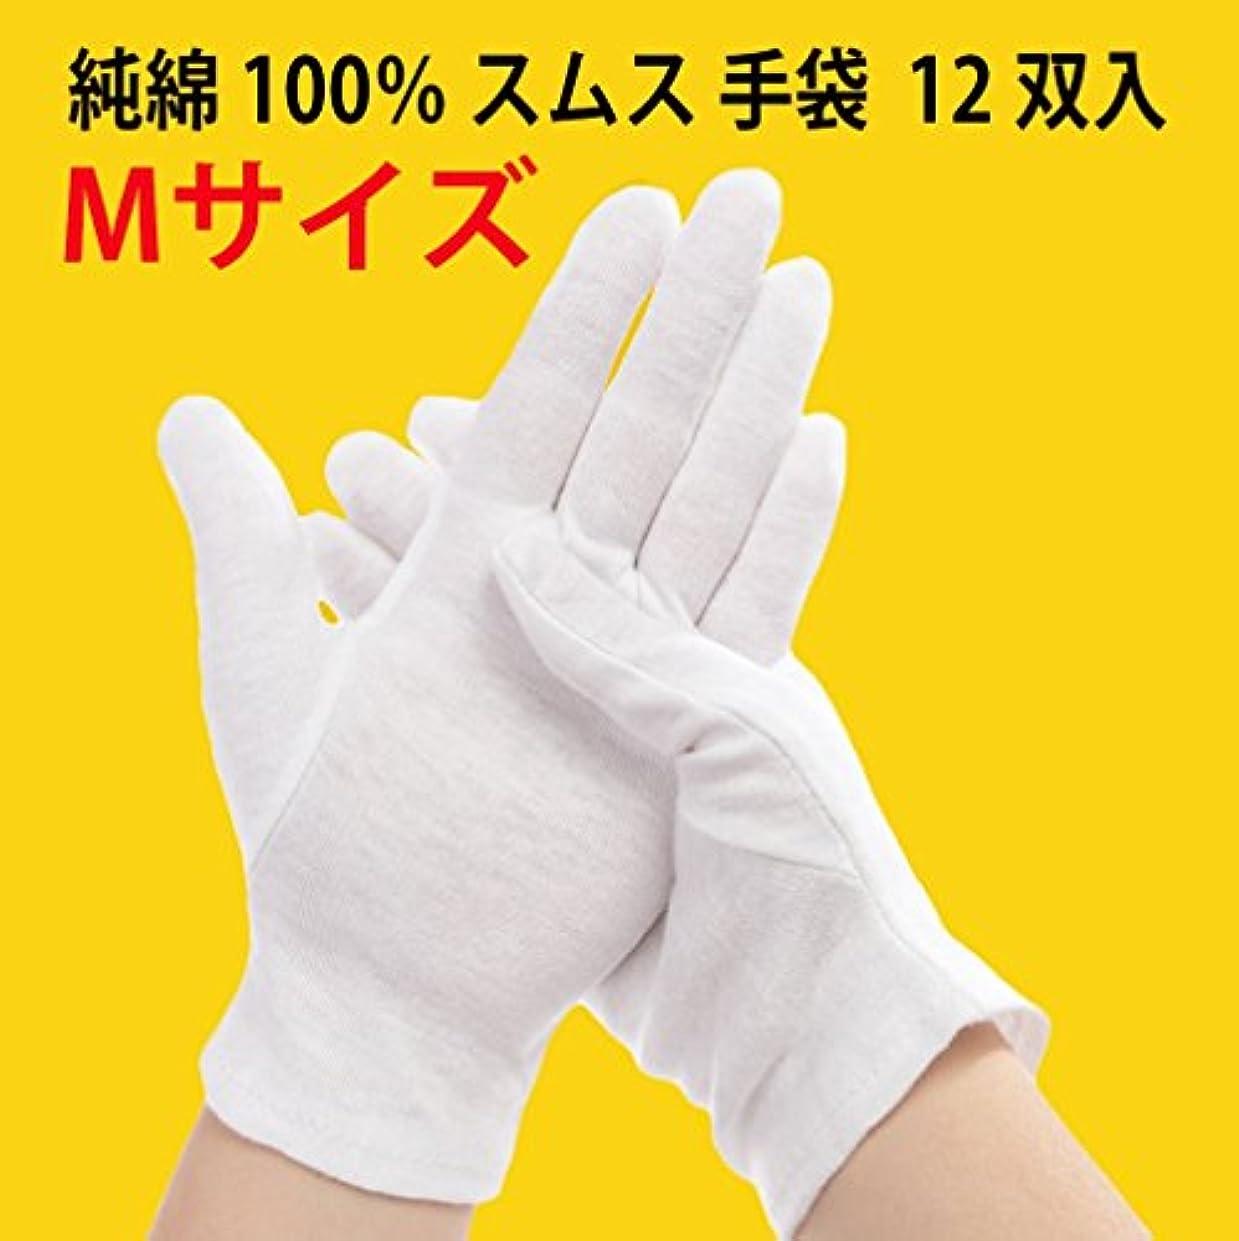 司法感謝するしなやかな純綿100% スムス 手袋 Mサイズ 12双 多用途 101115